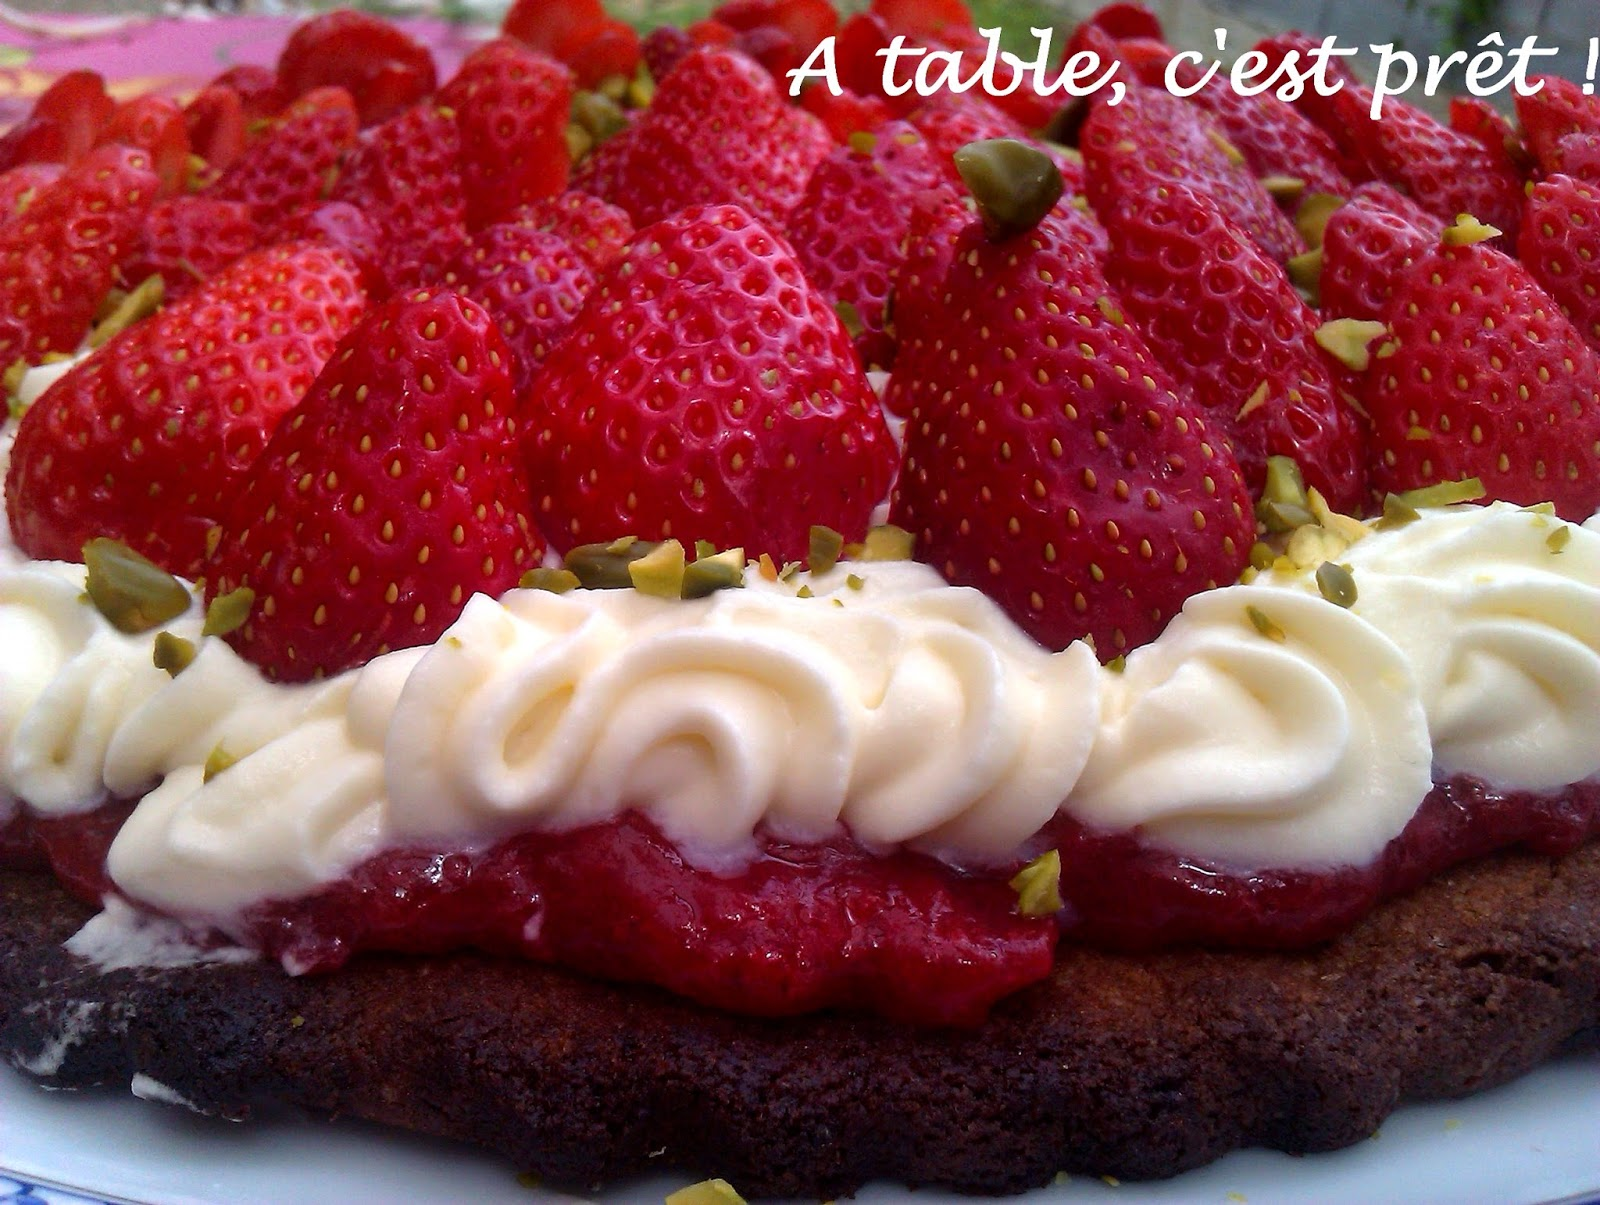 http://atablecpret.blogspot.fr/2012/05/une-tarte-aux-fraises-pour-mon.html